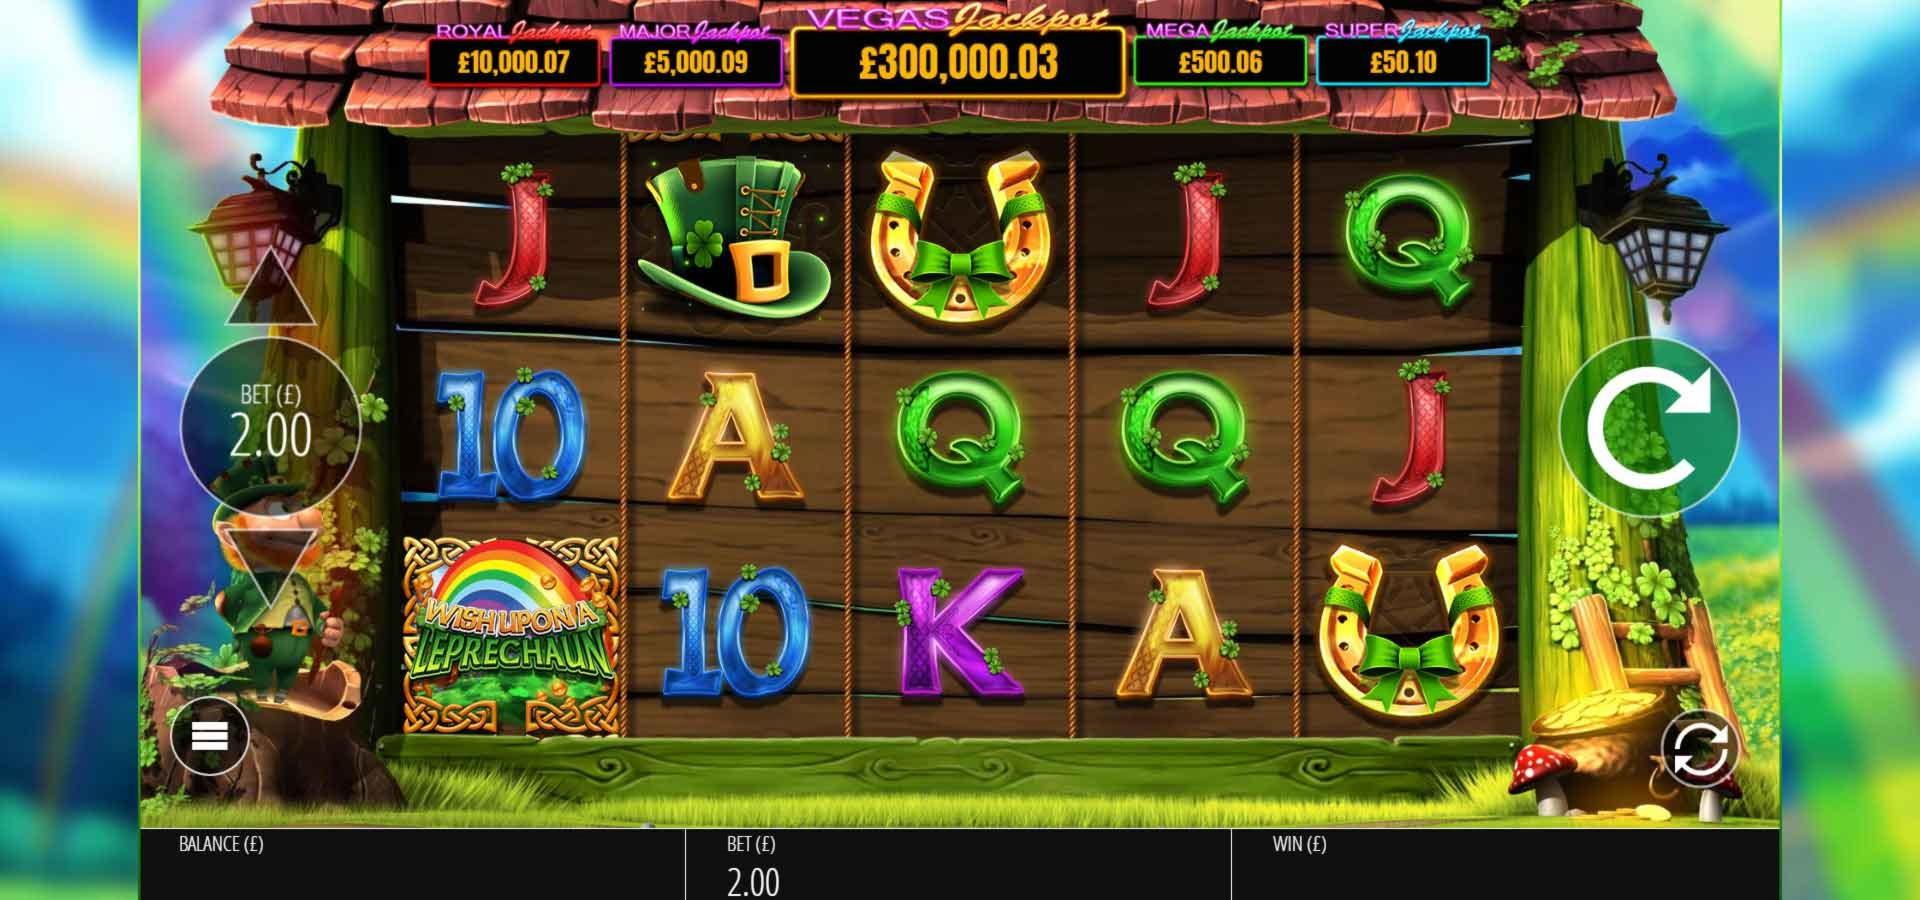 คาสิโนฟรี 200 หมุนที่ Jackpot Luck